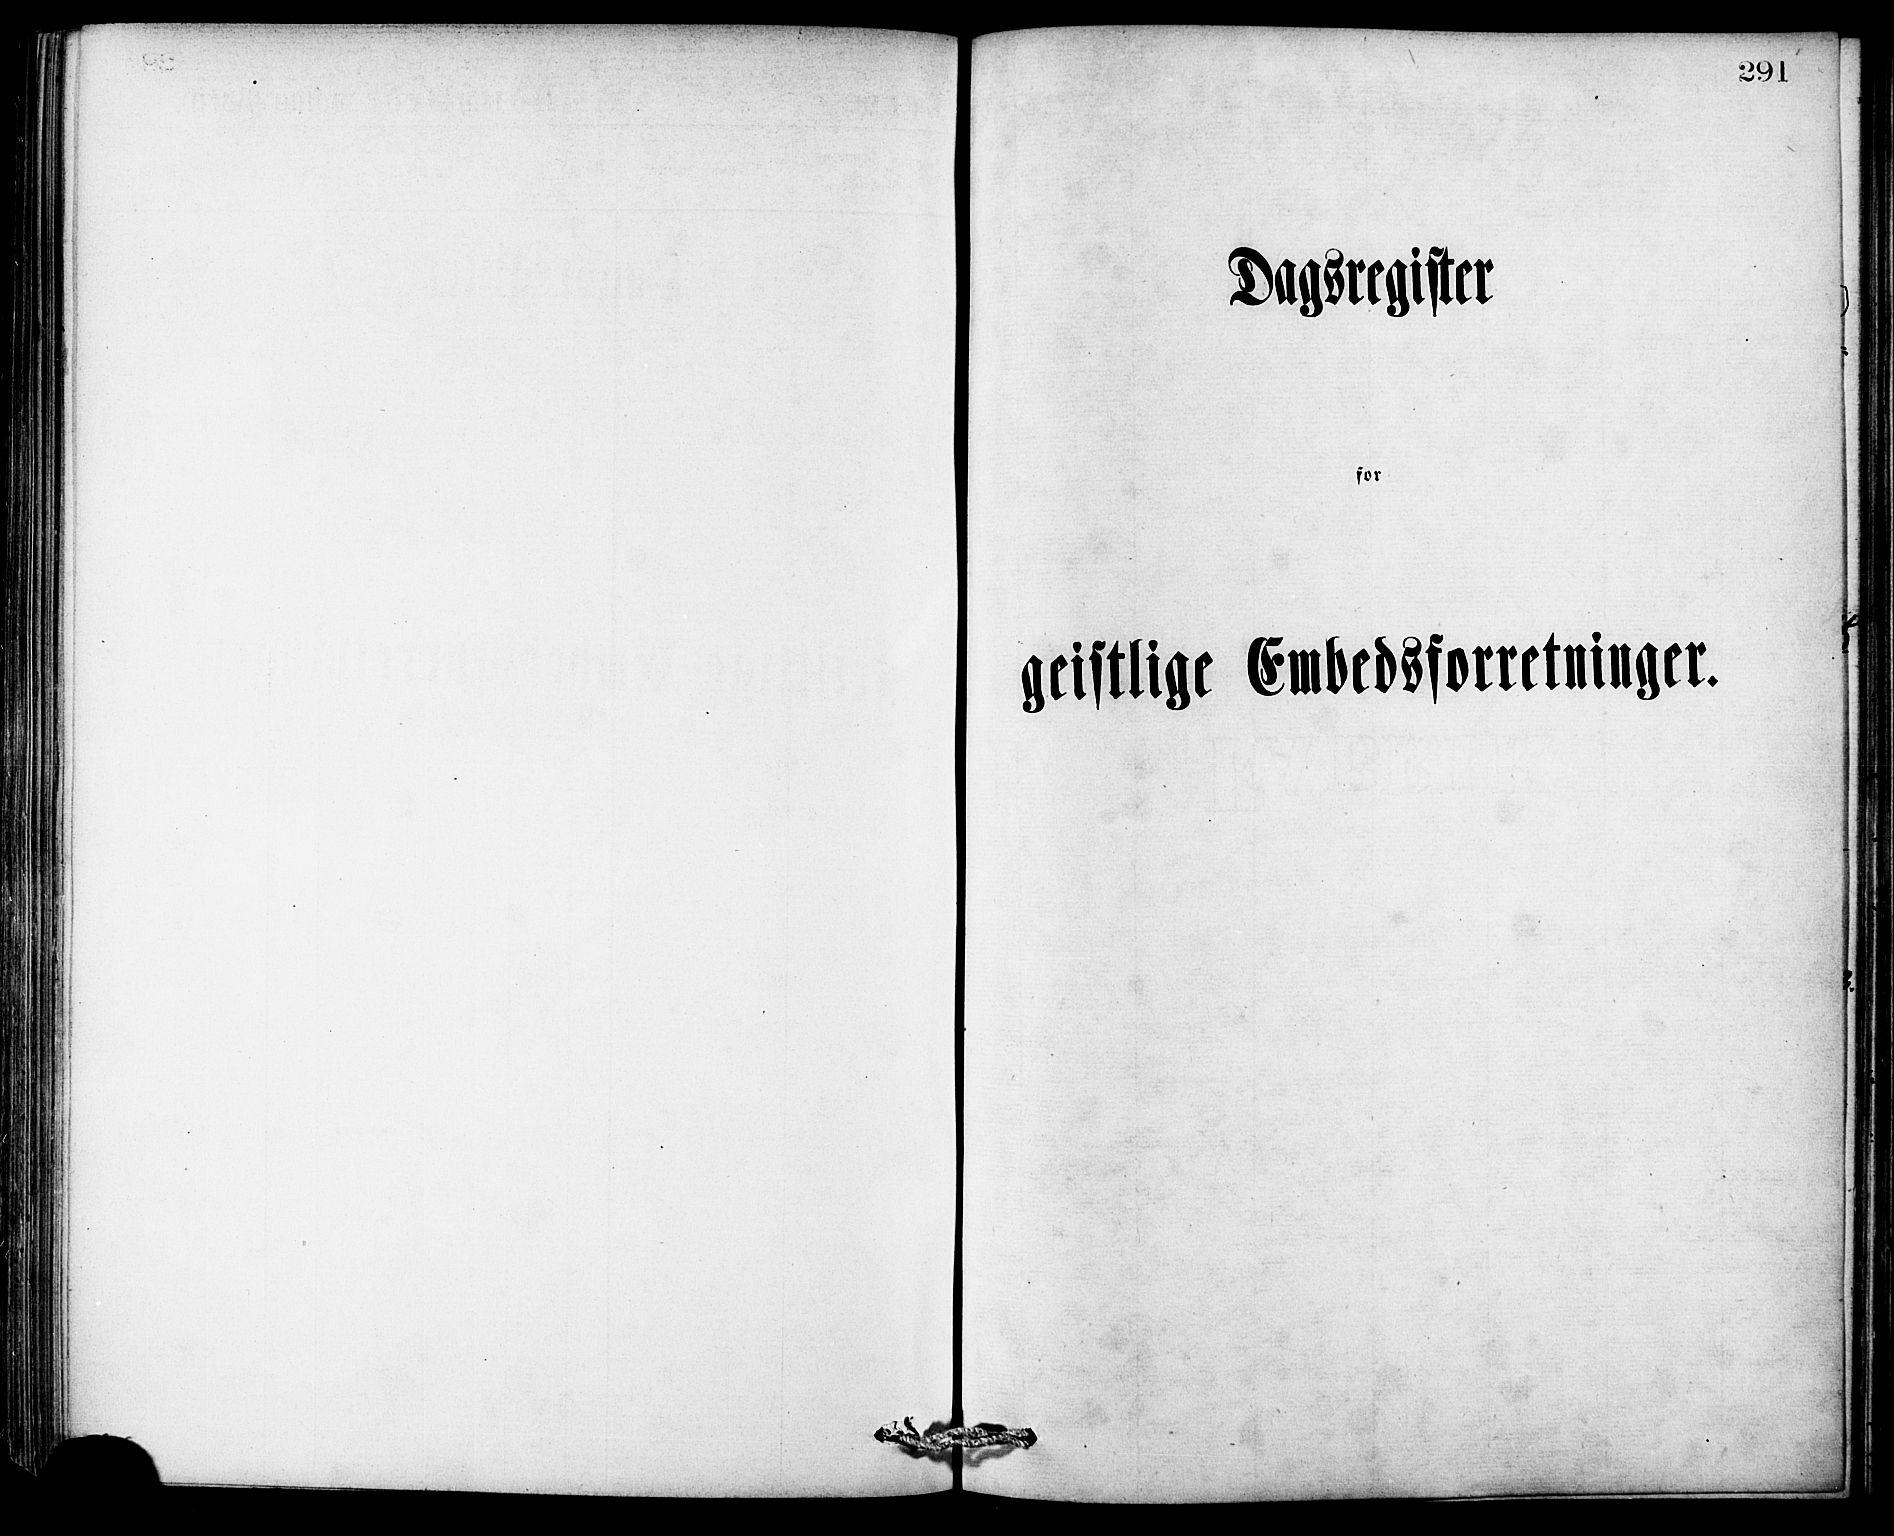 SAT, Ministerialprotokoller, klokkerbøker og fødselsregistre - Møre og Romsdal, 529/L0453: Ministerialbok nr. 529A03, 1872-1877, s. 291